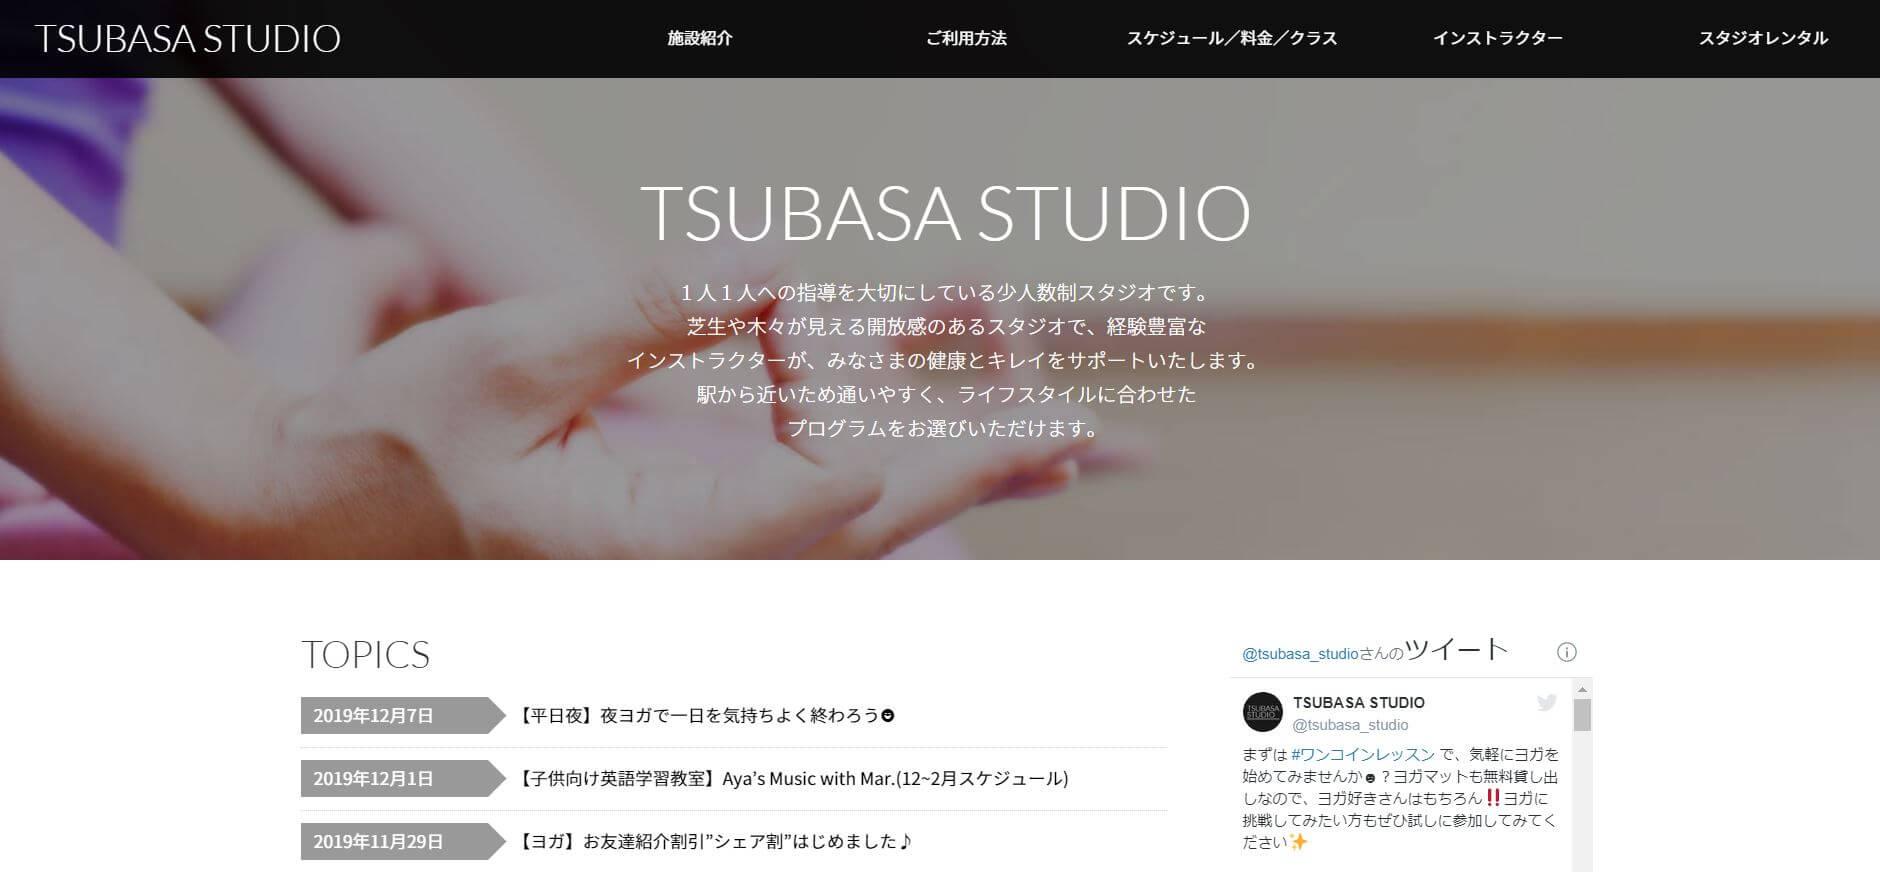 TSUBASA STUDIO